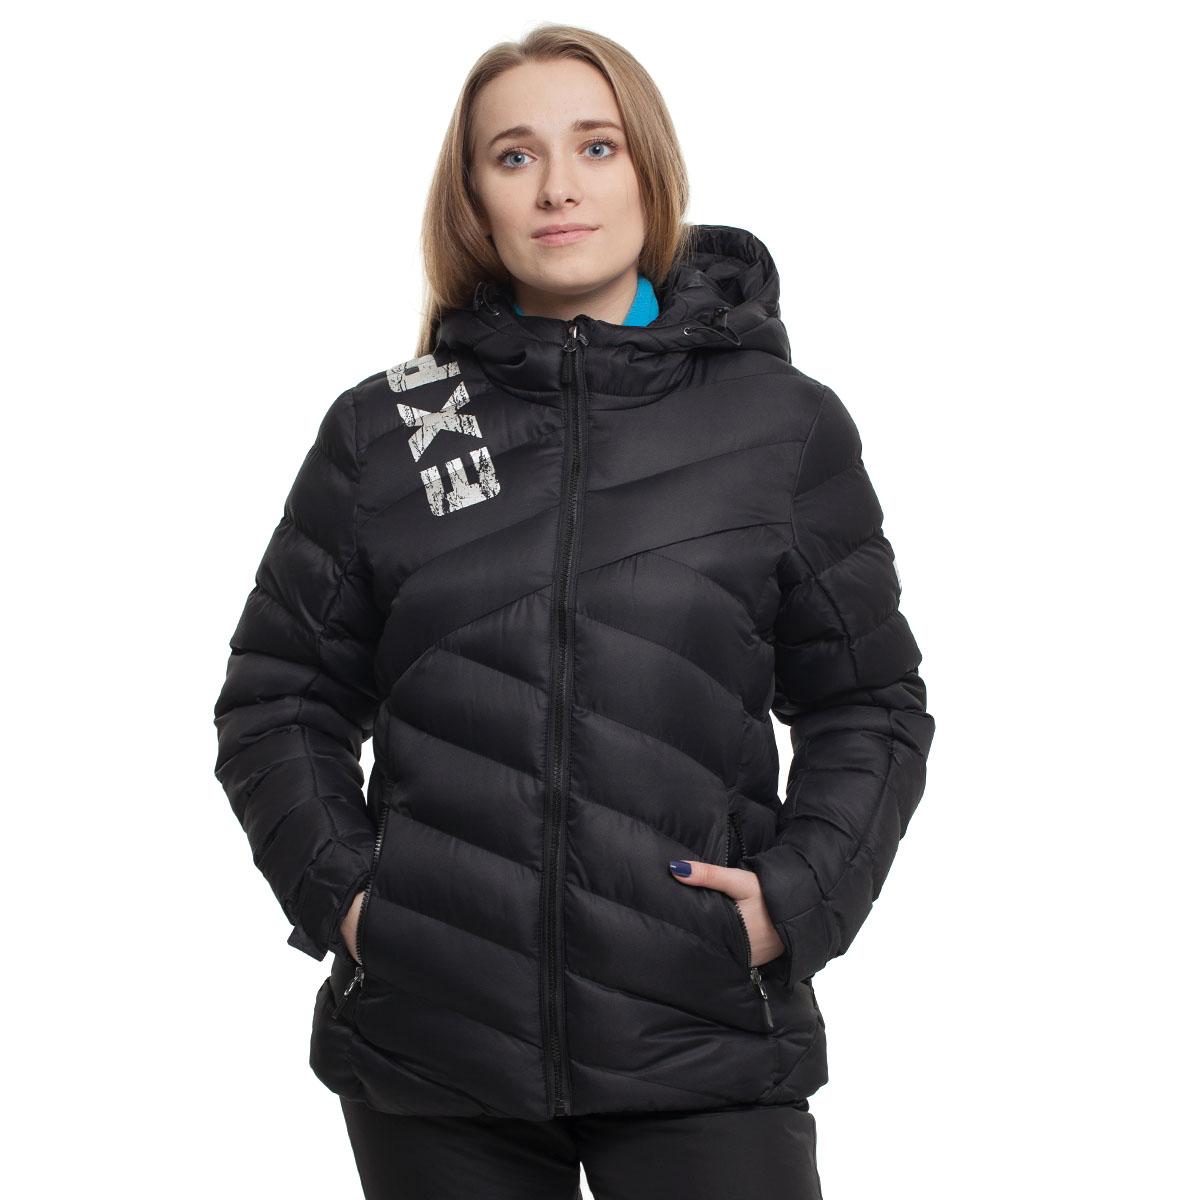 Куртка утепленная Exparc, DH-21143 куртка утепленная exparc dh 21015